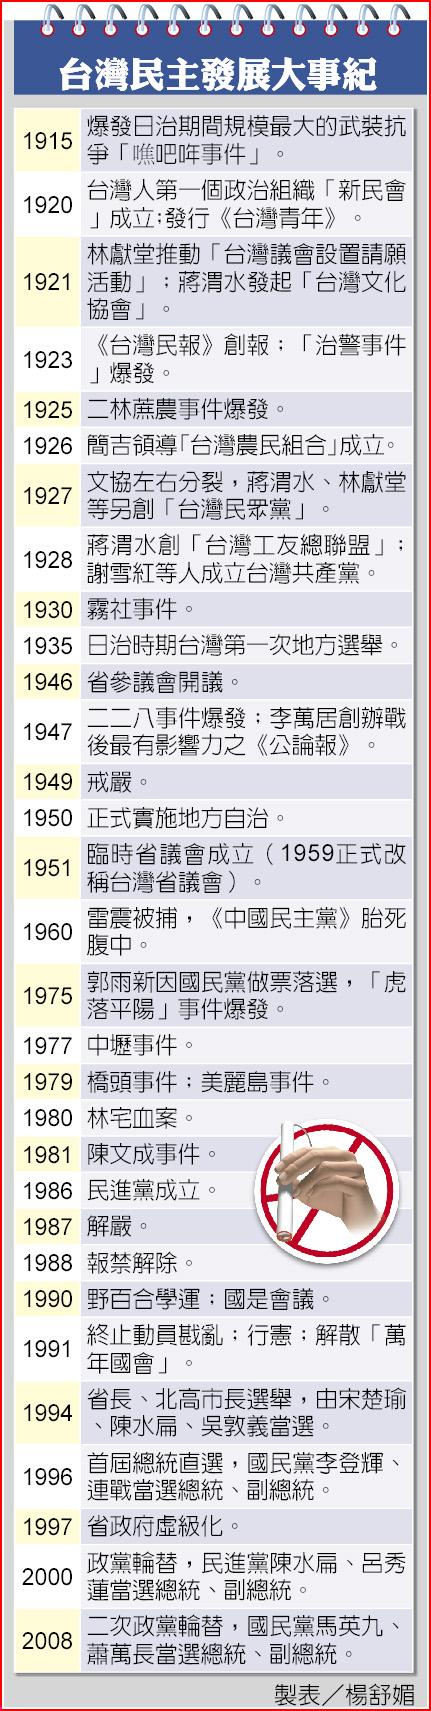 台灣民主發展大事紀